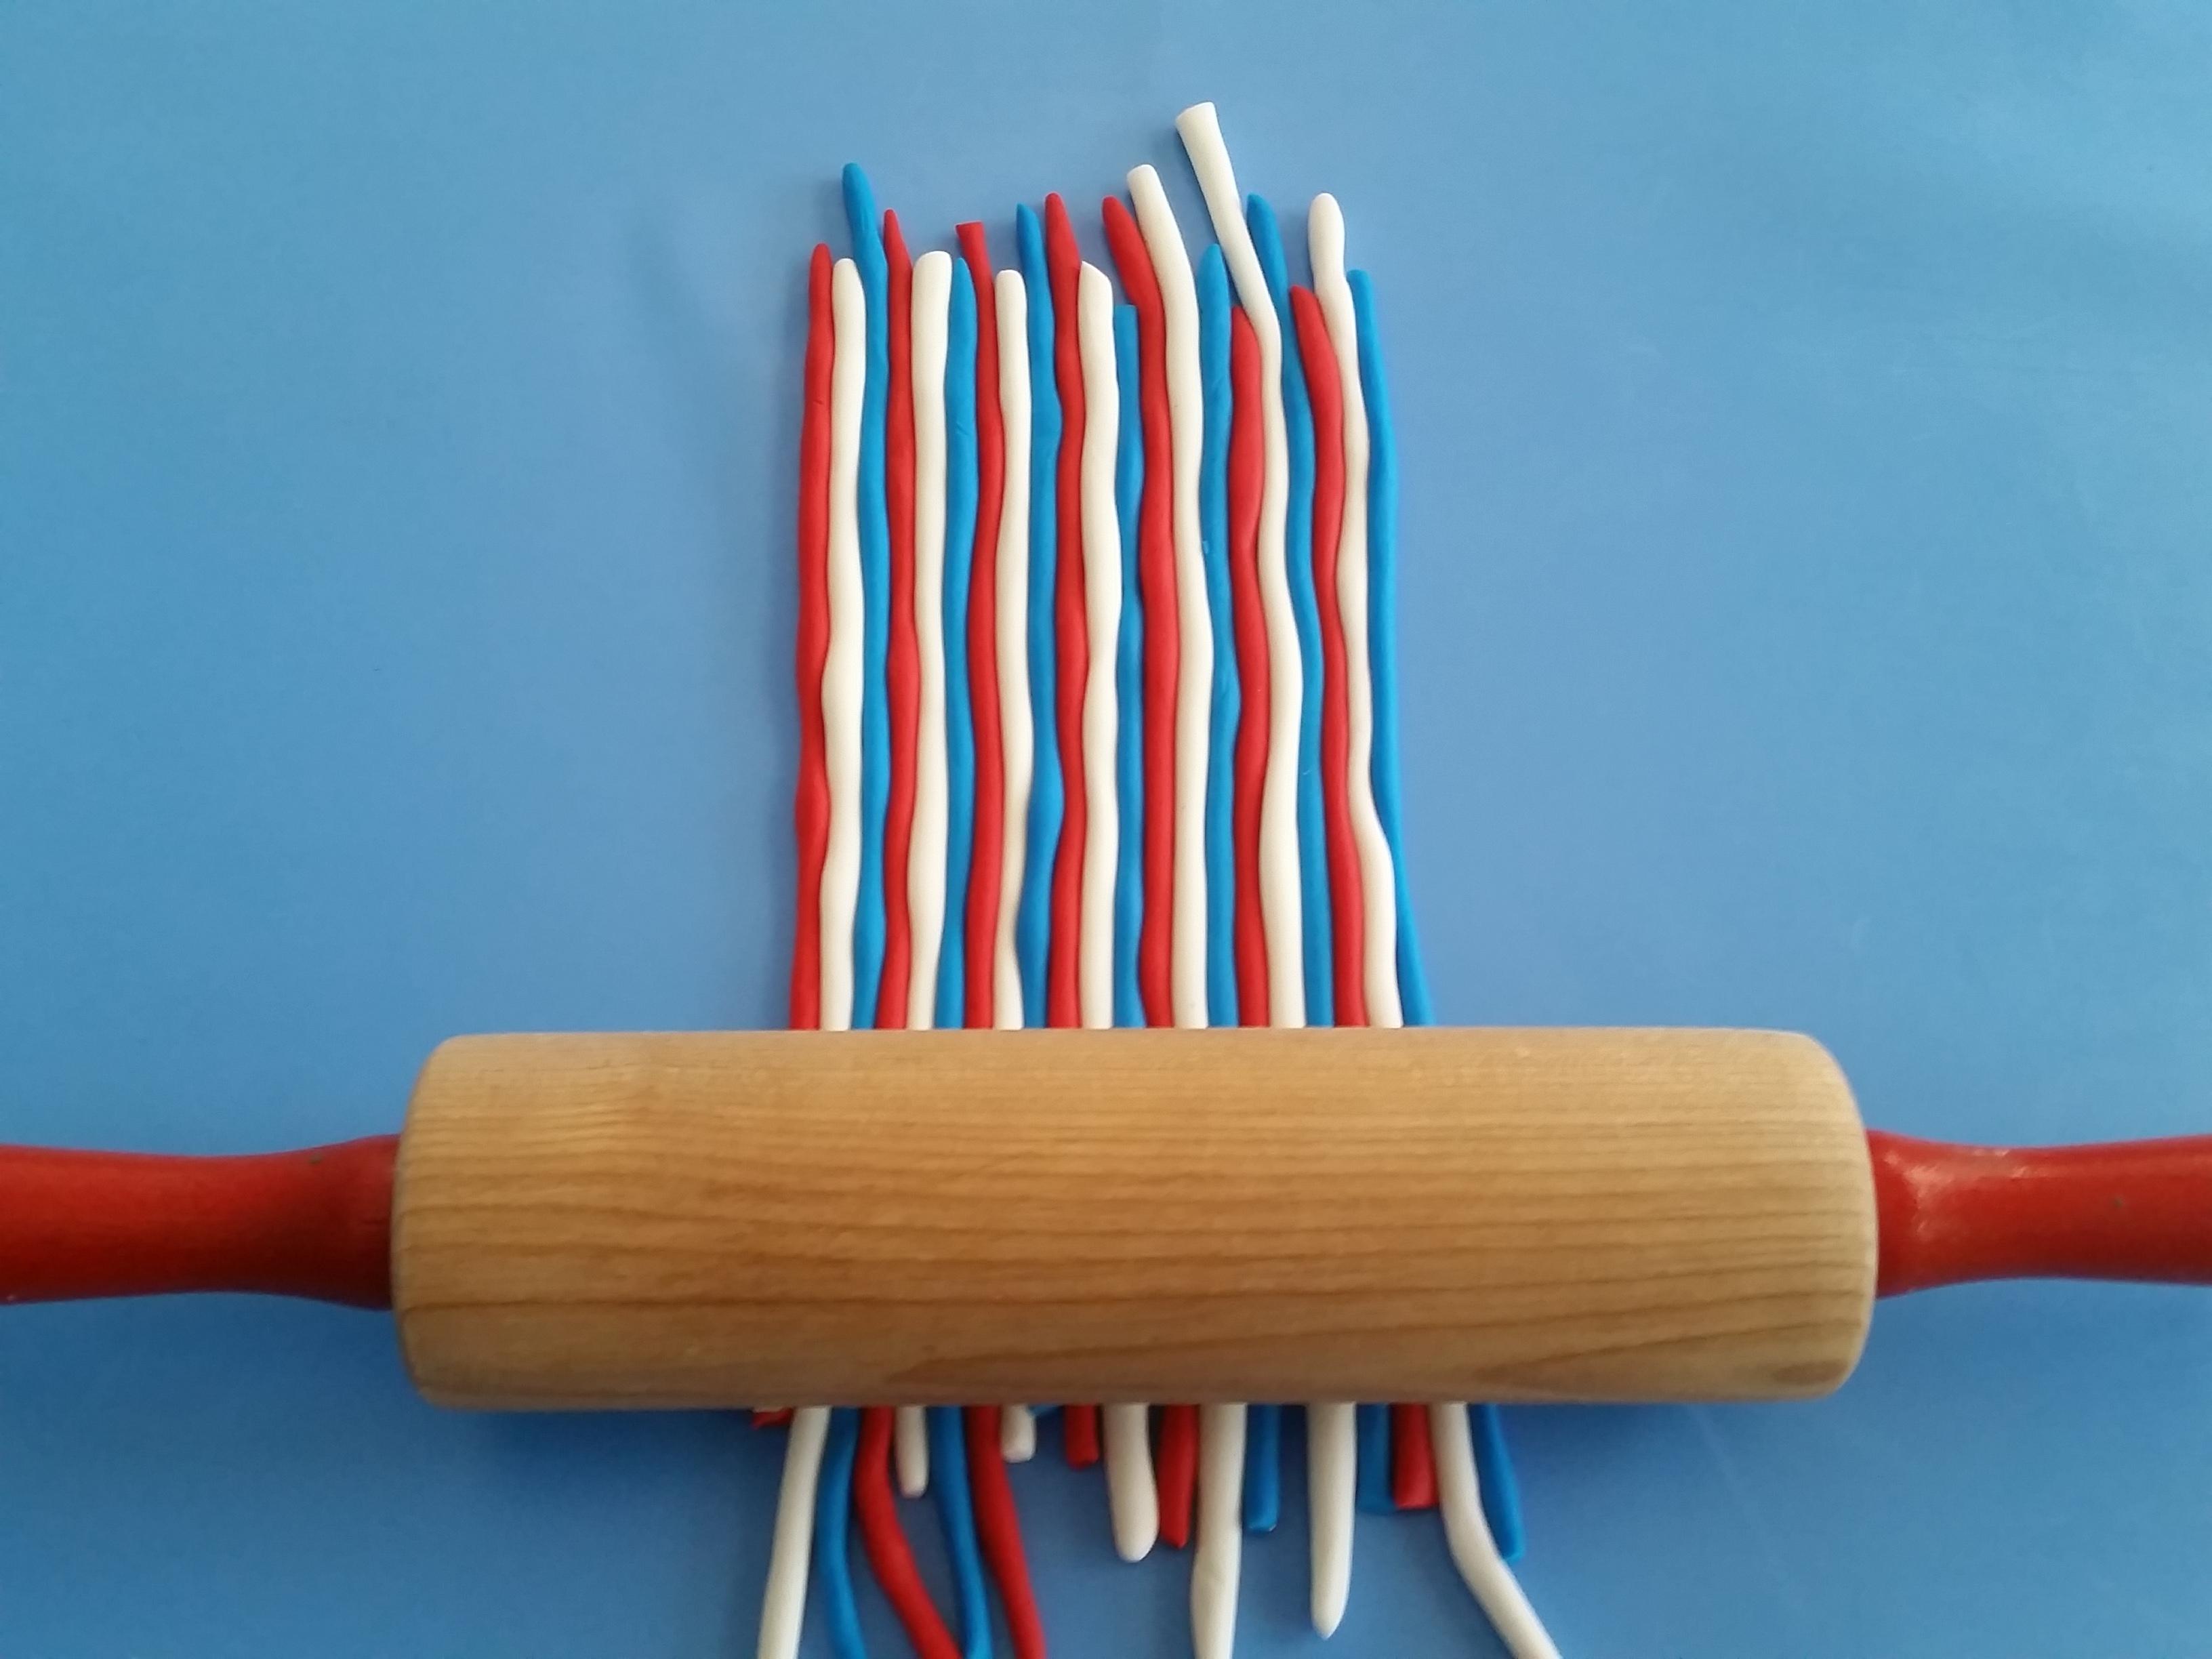 Patriotic-Sugar-Cookie-roller.jpg?mtime=20180613145828#asset:44125